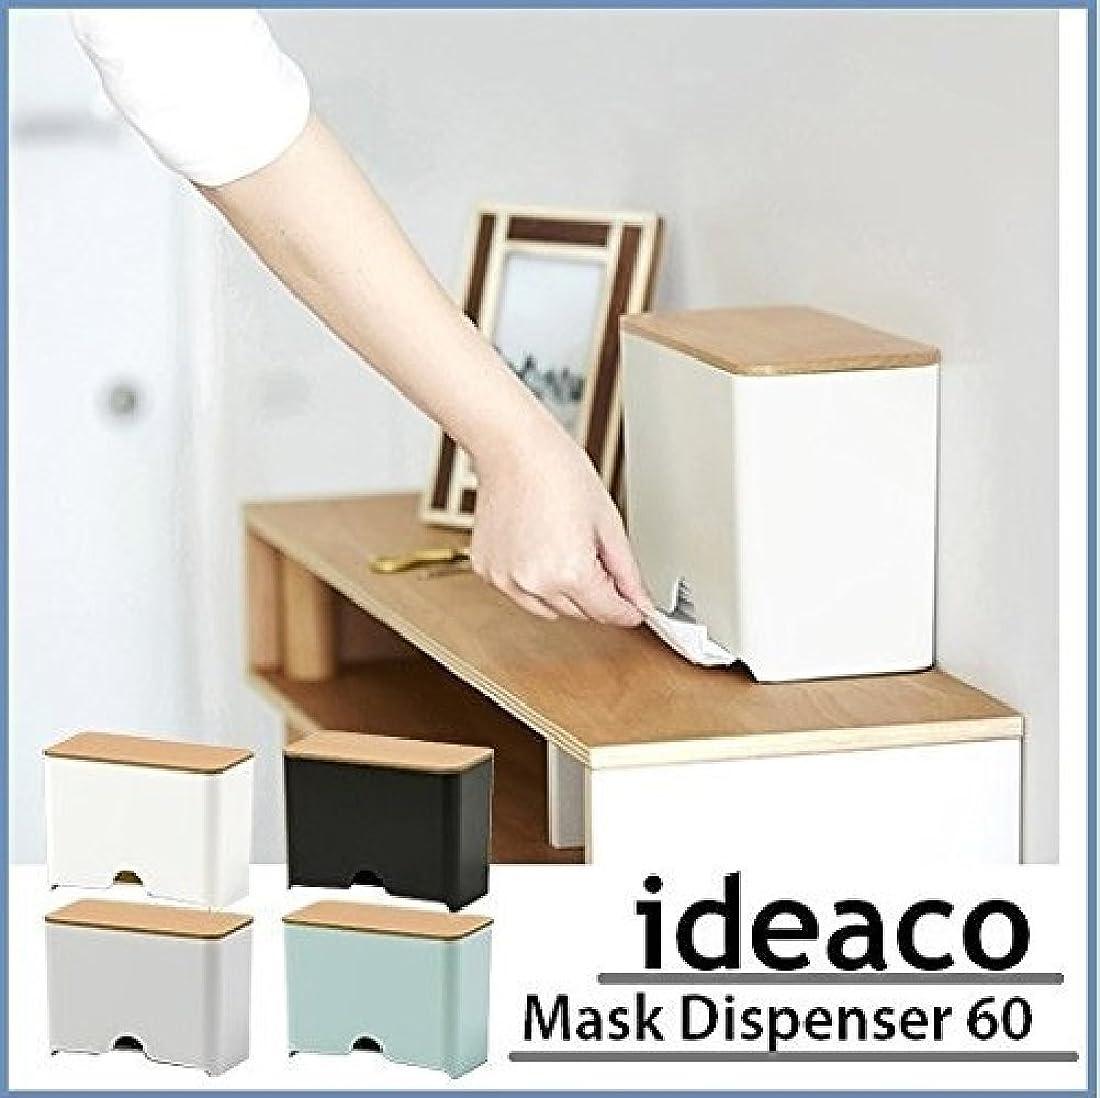 ジャンプリズミカルな関与する簡単 便利 収納ケース おしゃれ ideaco イデアコ Mask Dispenser 60 マスクディスペンサー60 使い捨てマスク収納 マスクストッカー60枚収納 ランキング 人気 おすすめ (ブラック)